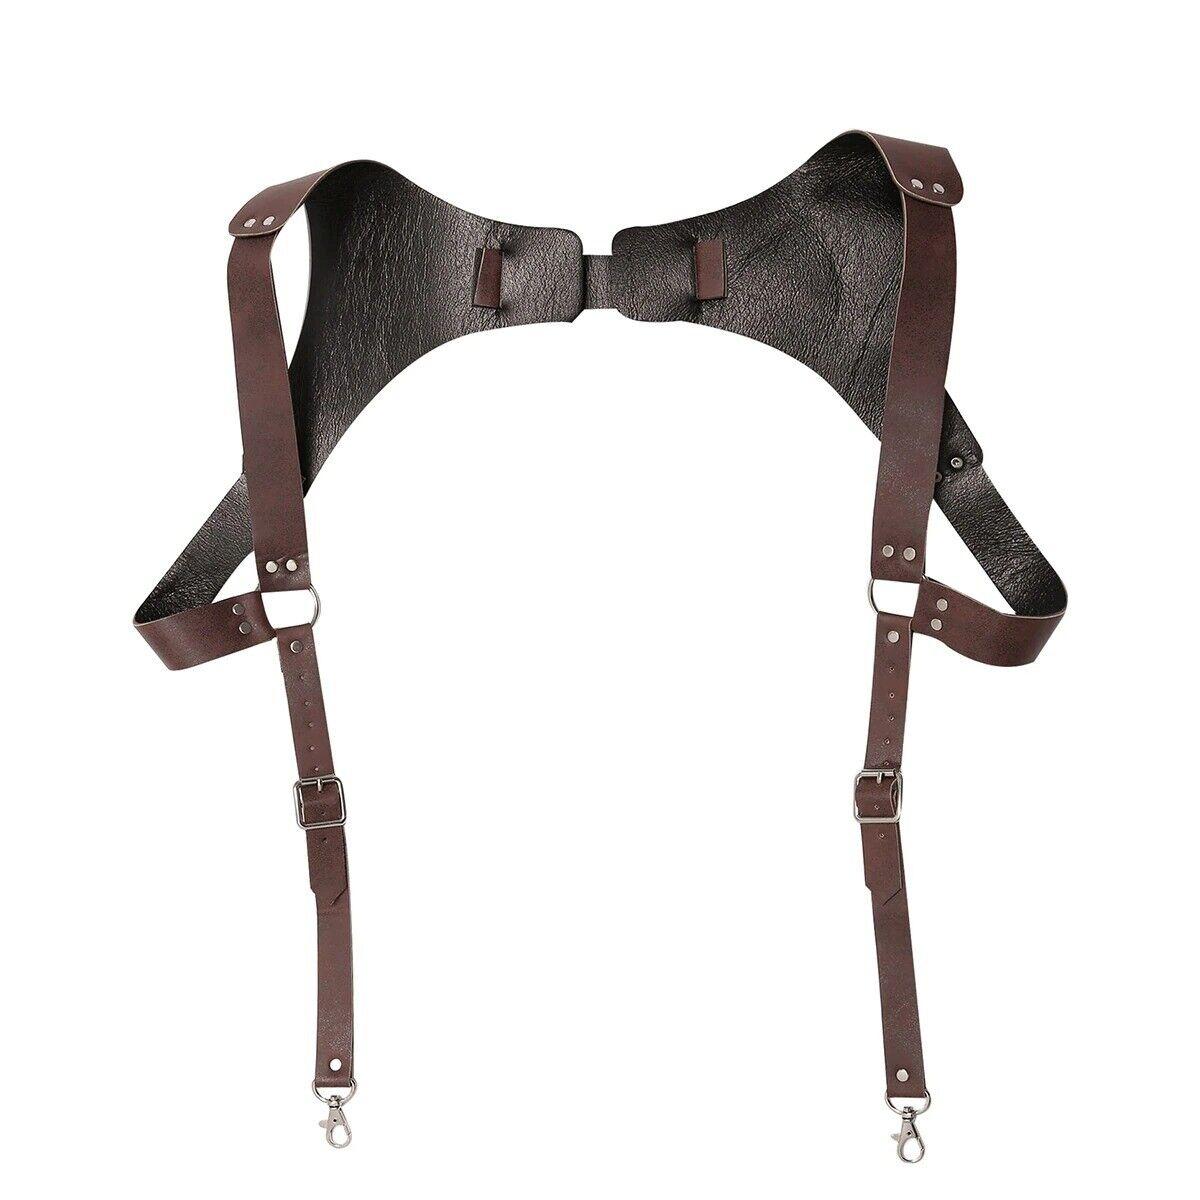 Vintage Leder Strumpfhalter Herren Medieval Punk Verstellbar Brust Schulter Gurt